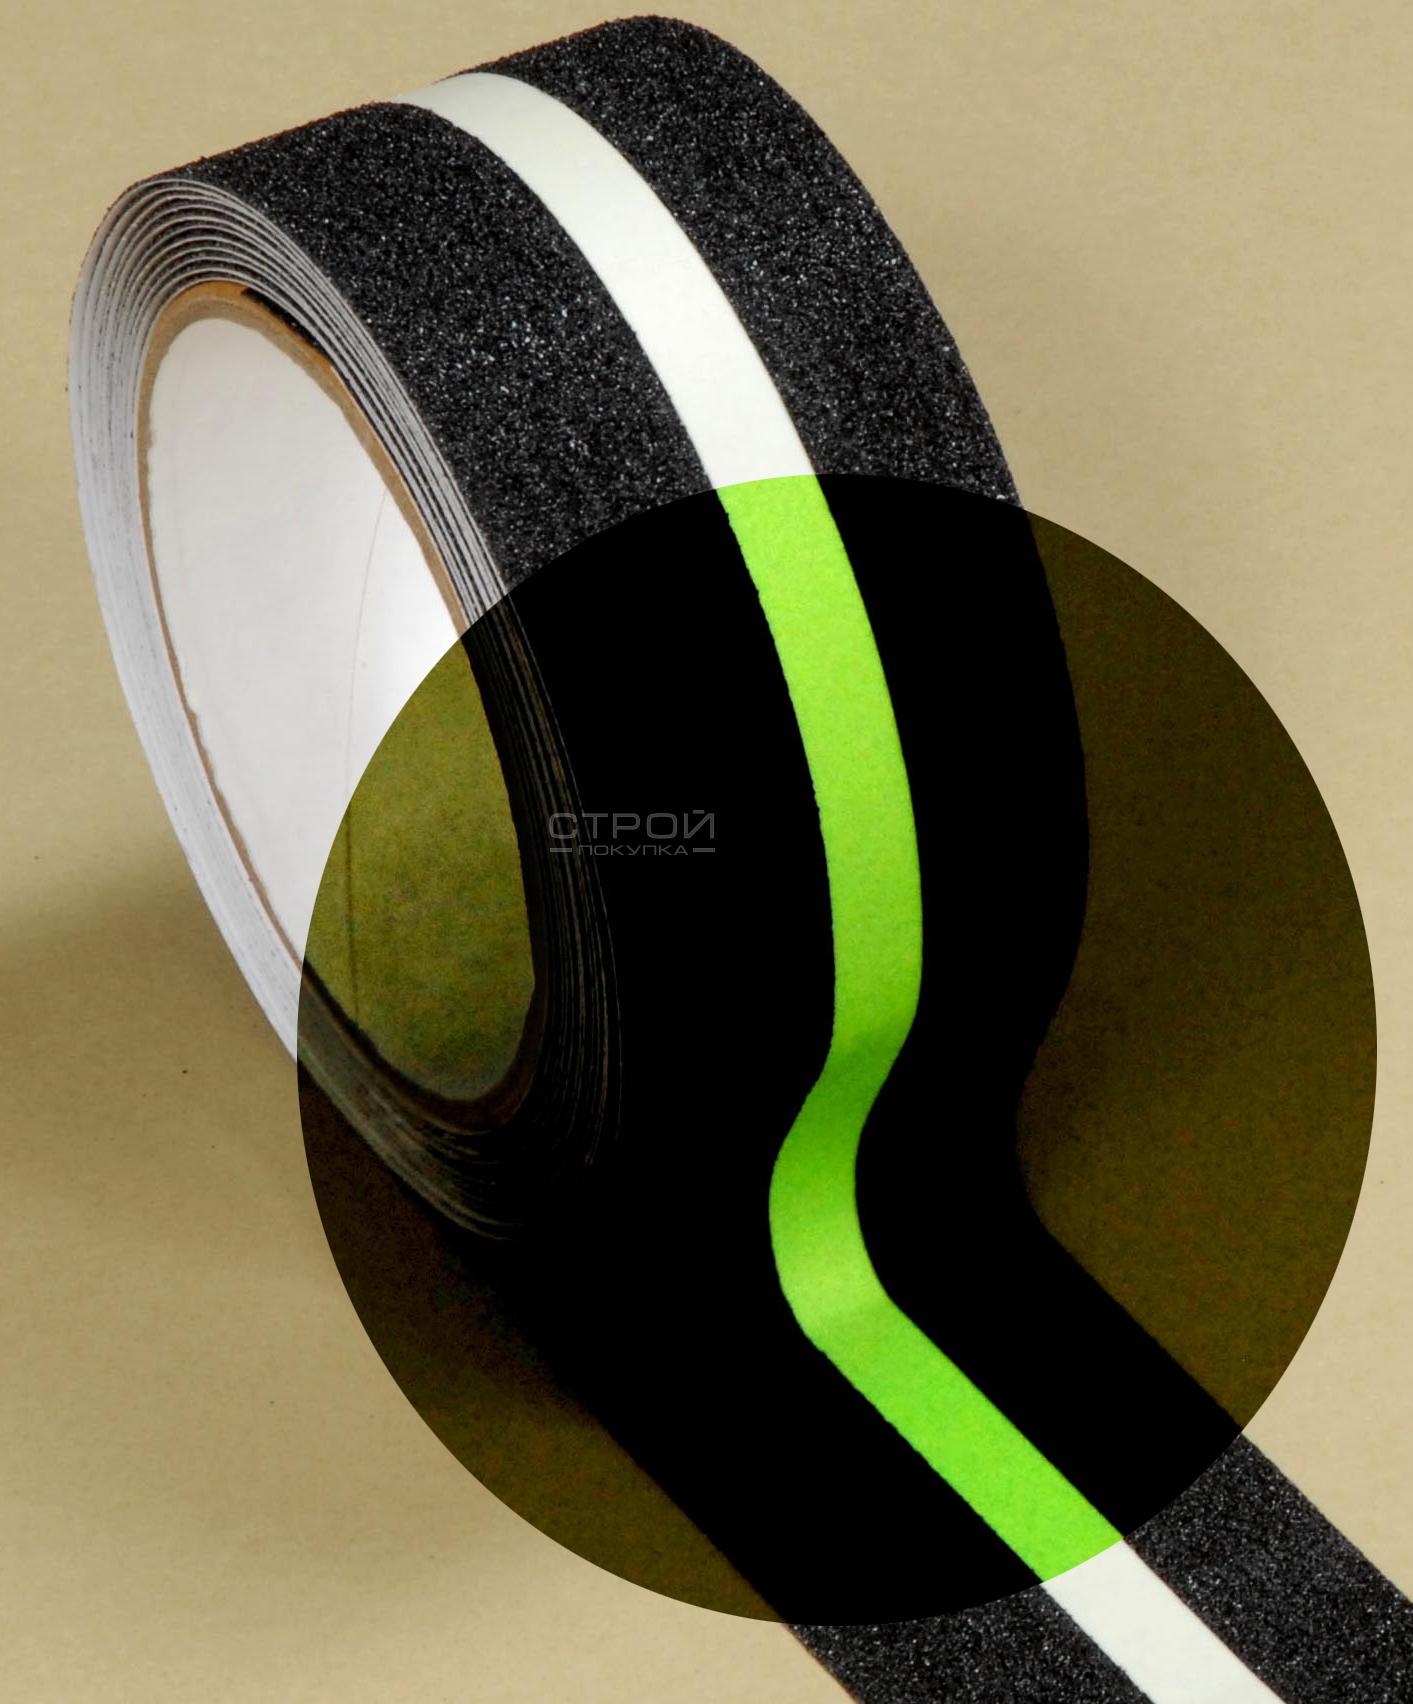 Черная абразивная лента Heskins с фотолюминесцентной полосой